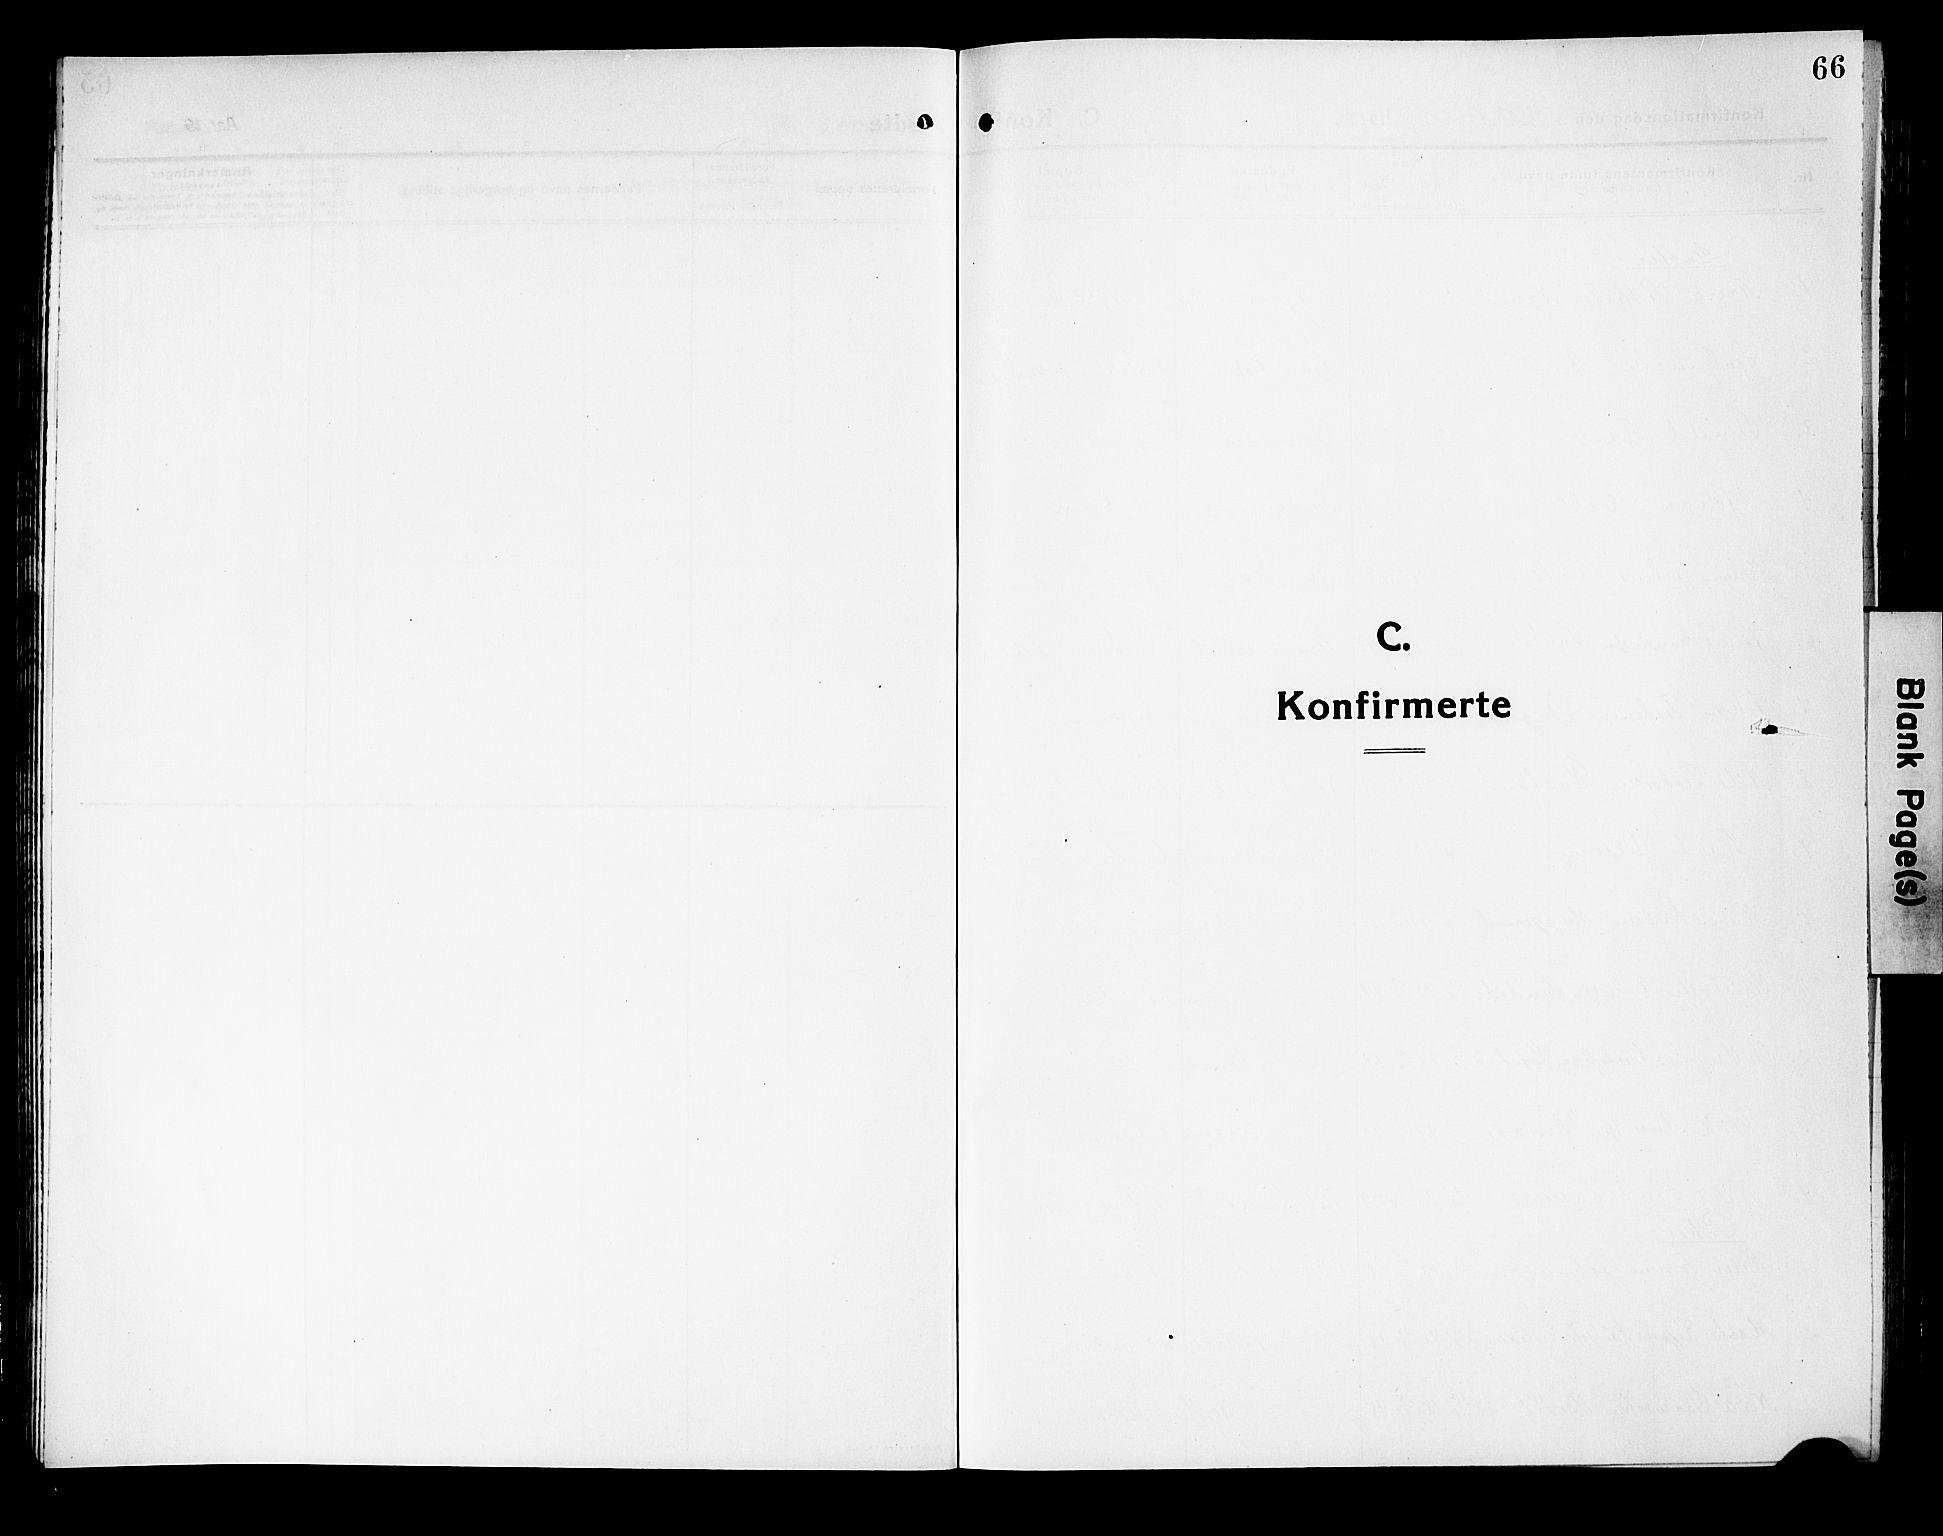 SAKO, Fiskum kirkebøker, G/Ga/L0006: Klokkerbok nr. 6, 1913-1927, s. 66